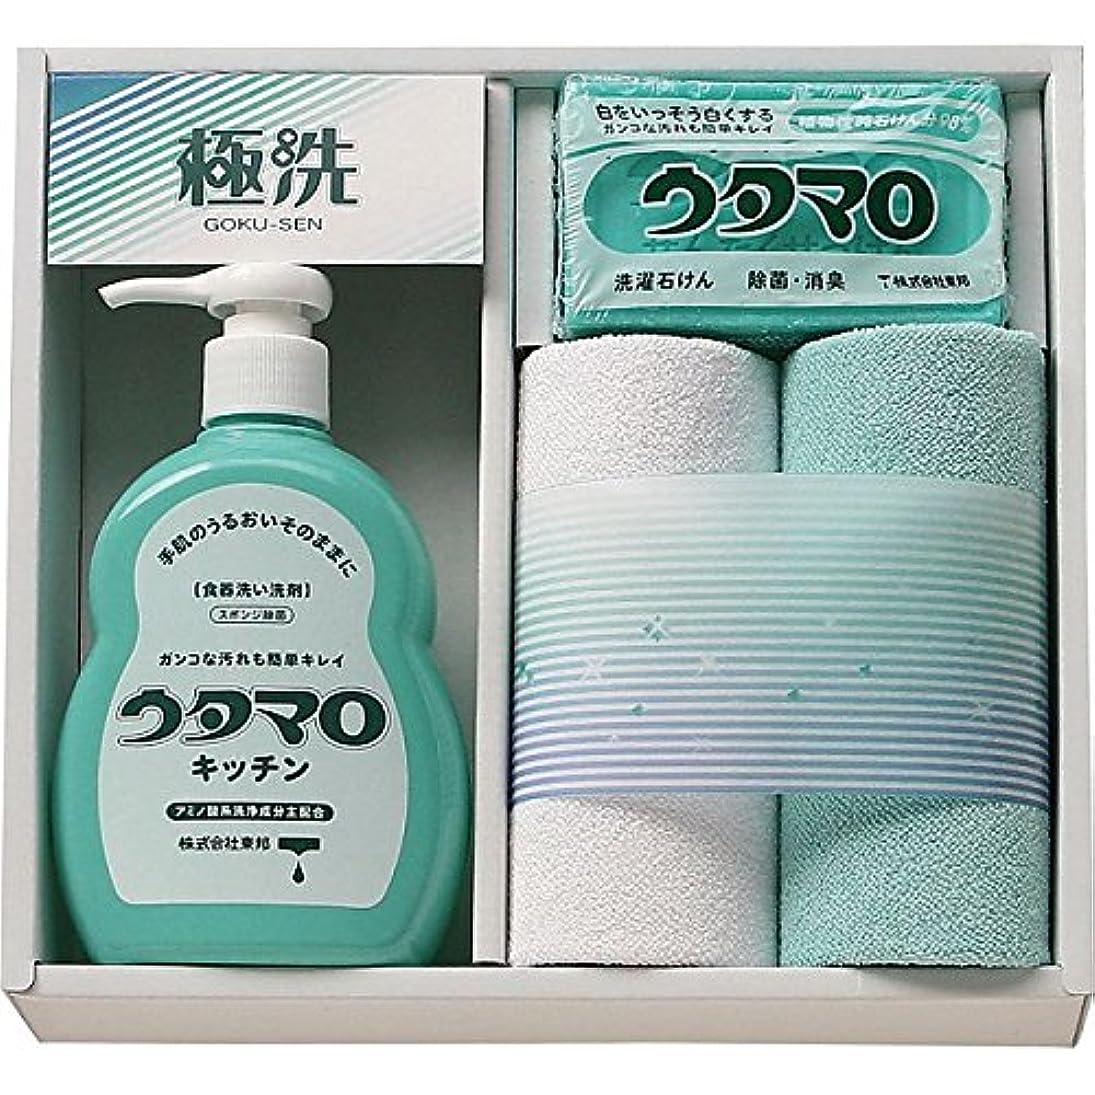 アライメント道路を作るプロセスボウル( ウタマロ ) 石鹸?キッチン洗剤ギフト ( 835-1054r )